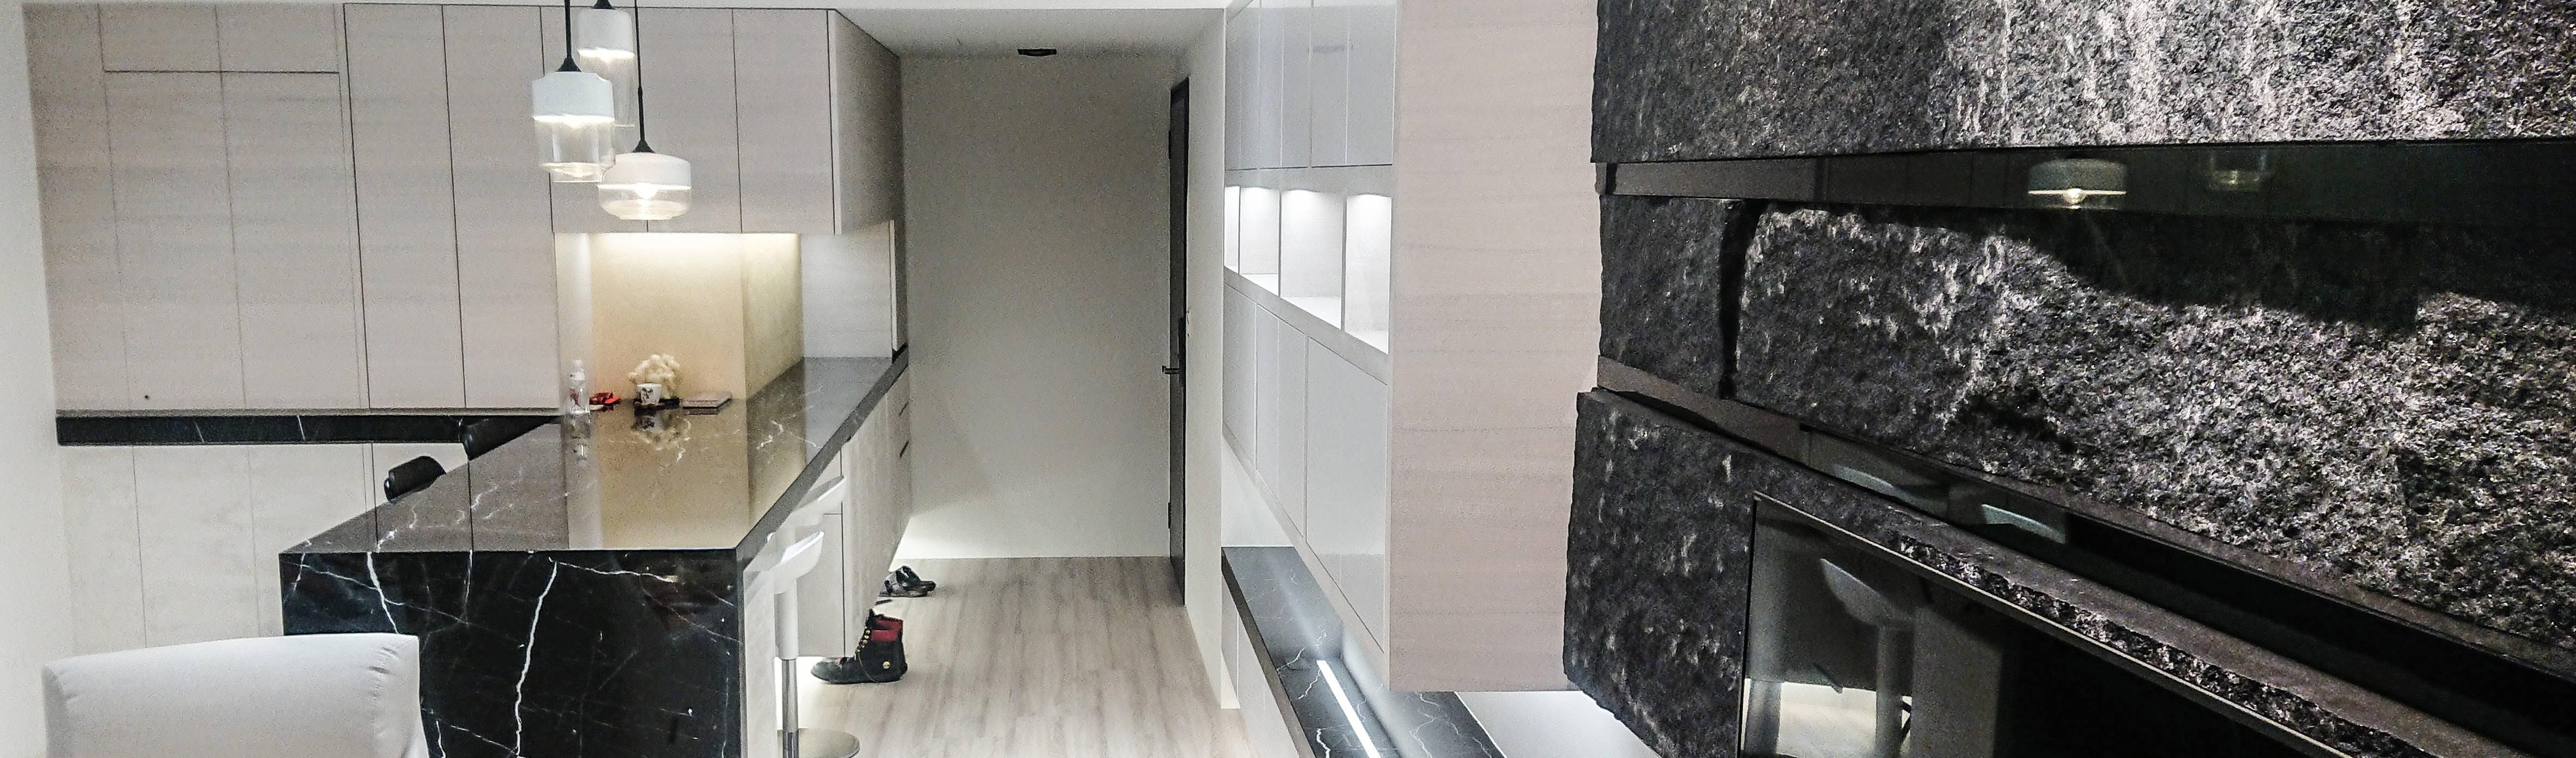 大吉利室內裝修設計工程有限公司